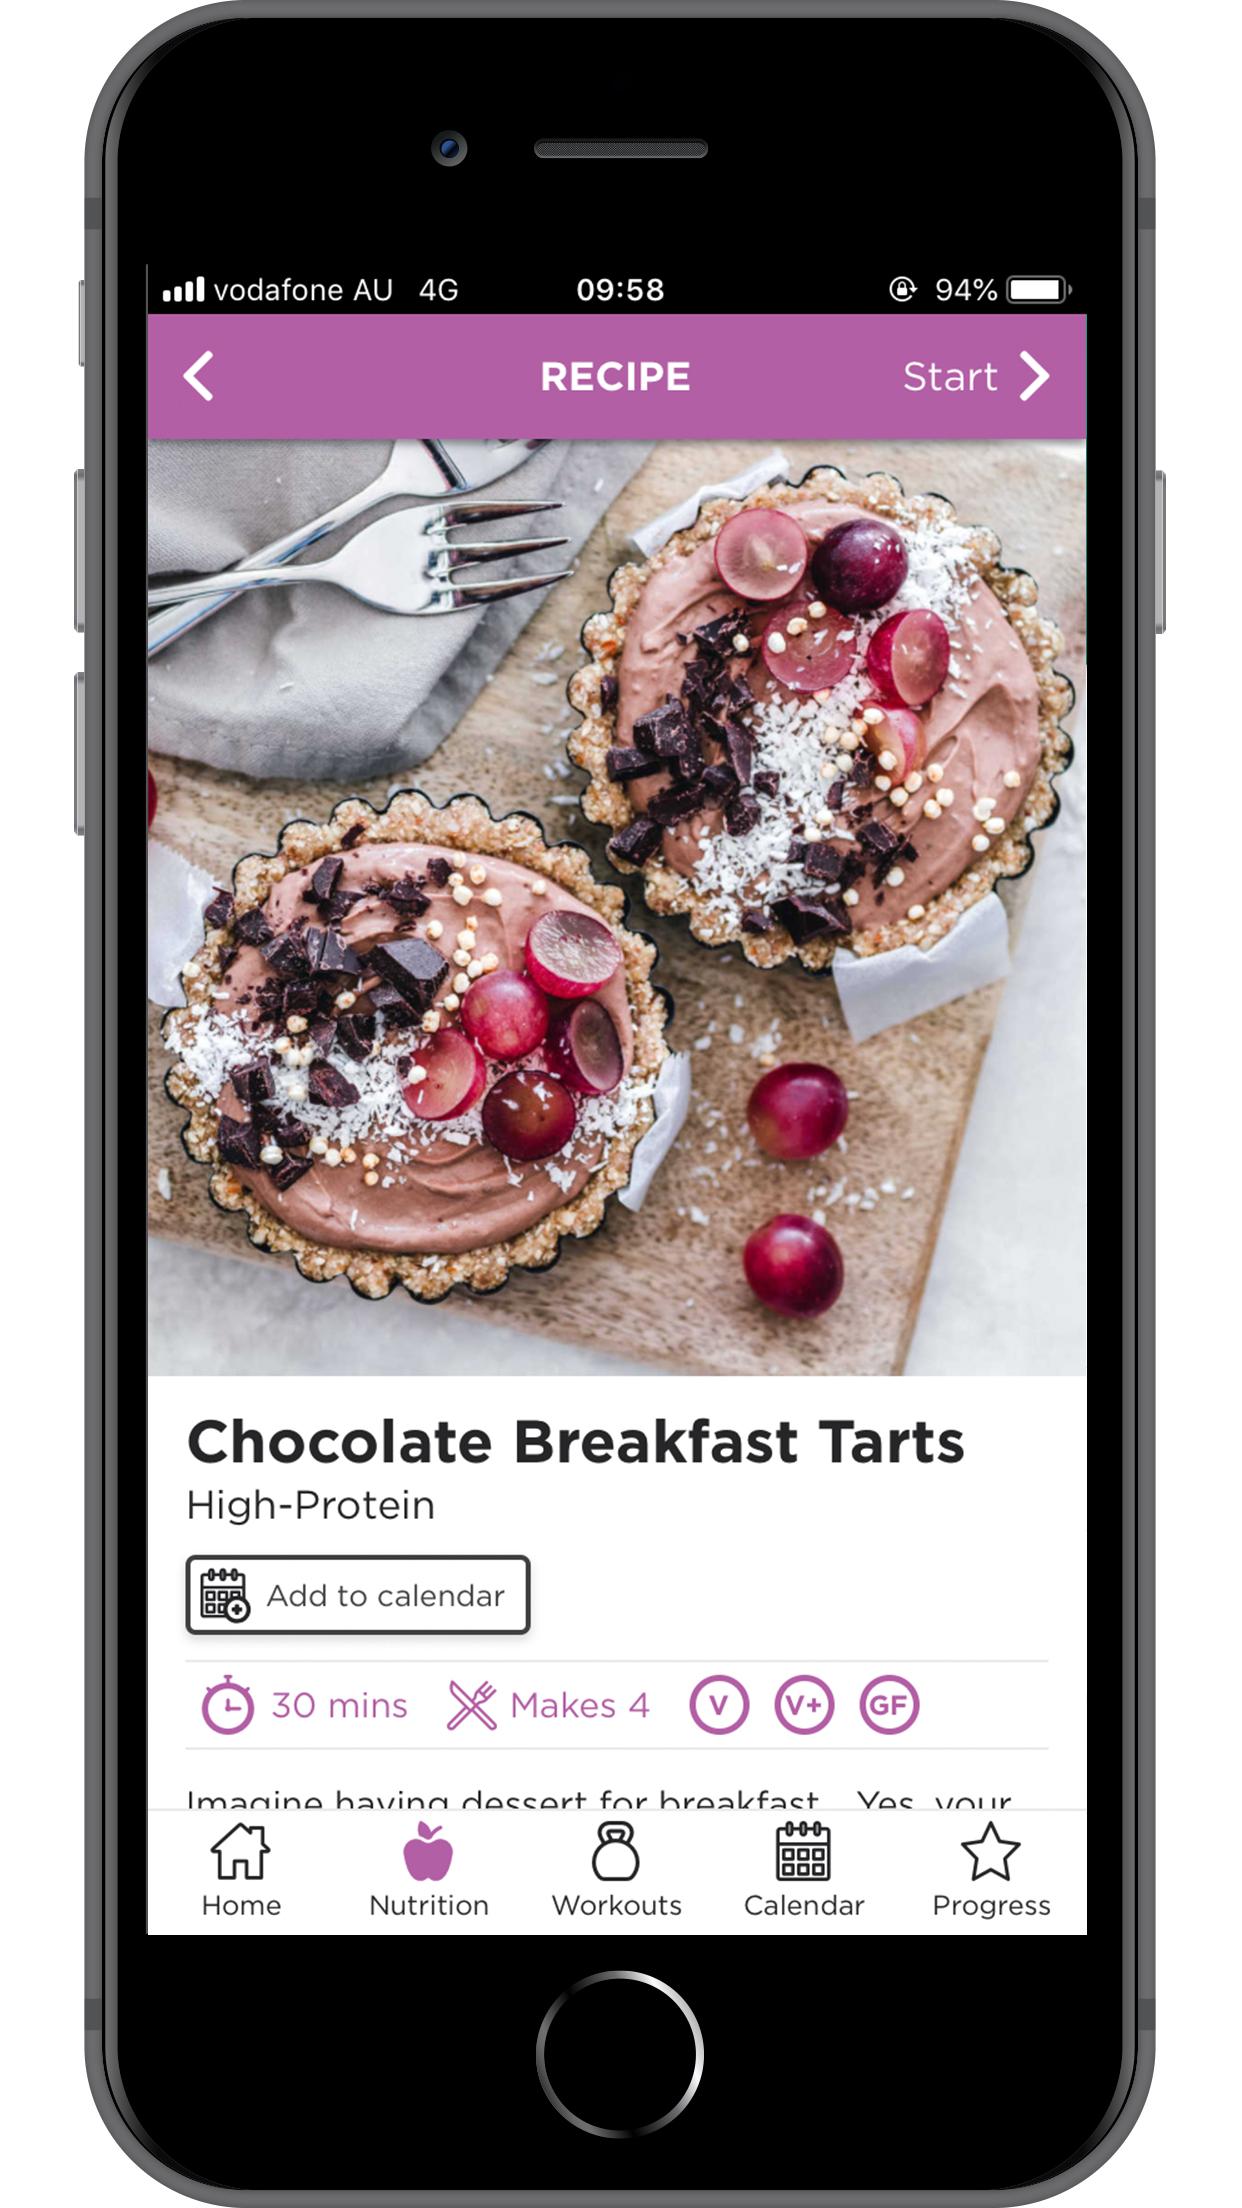 App store preview_phone screens_2.jpg